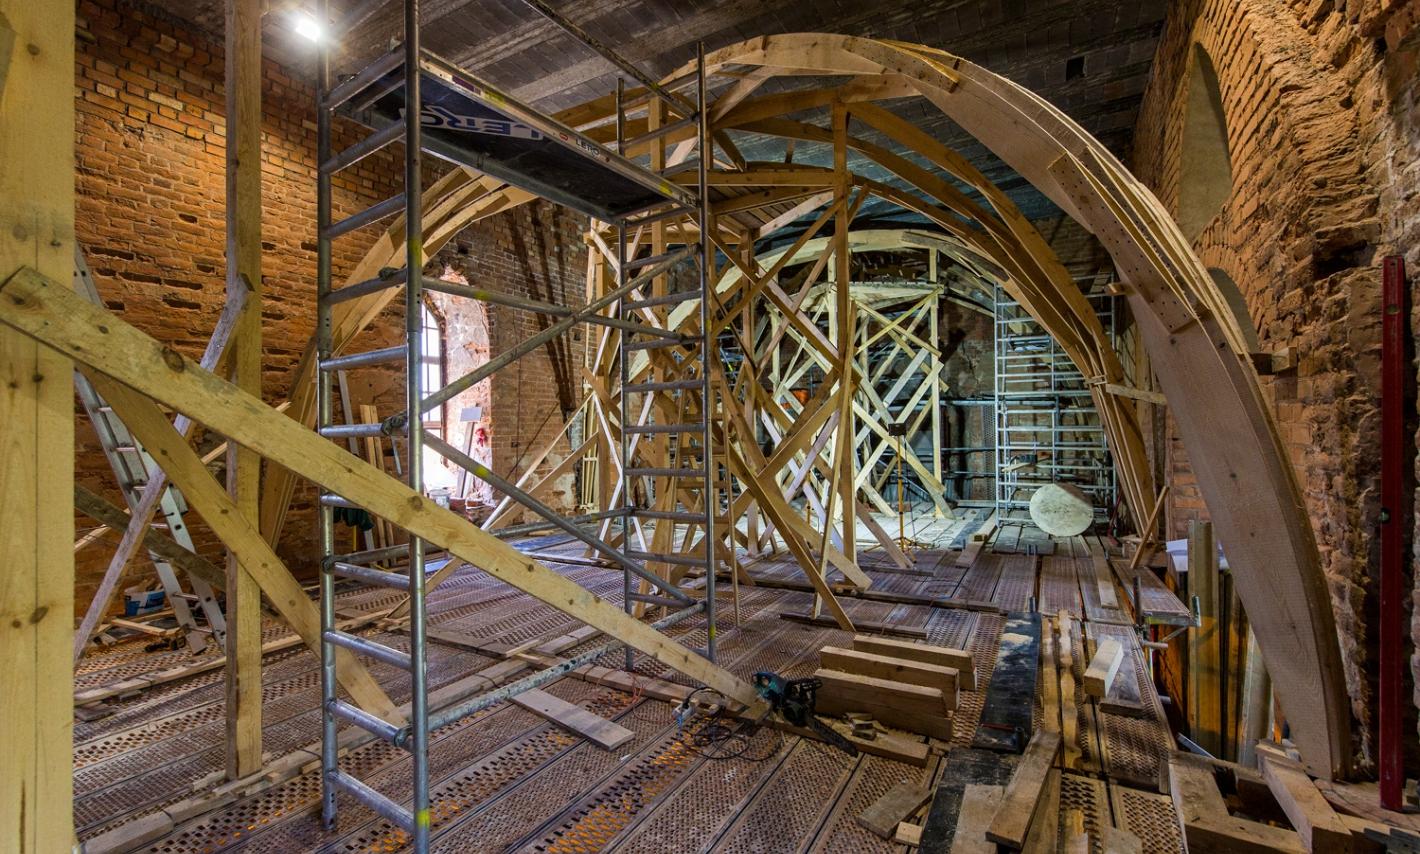 widok na drewniane podpory sklepienia we wnętrzu zamku krzyżackiego